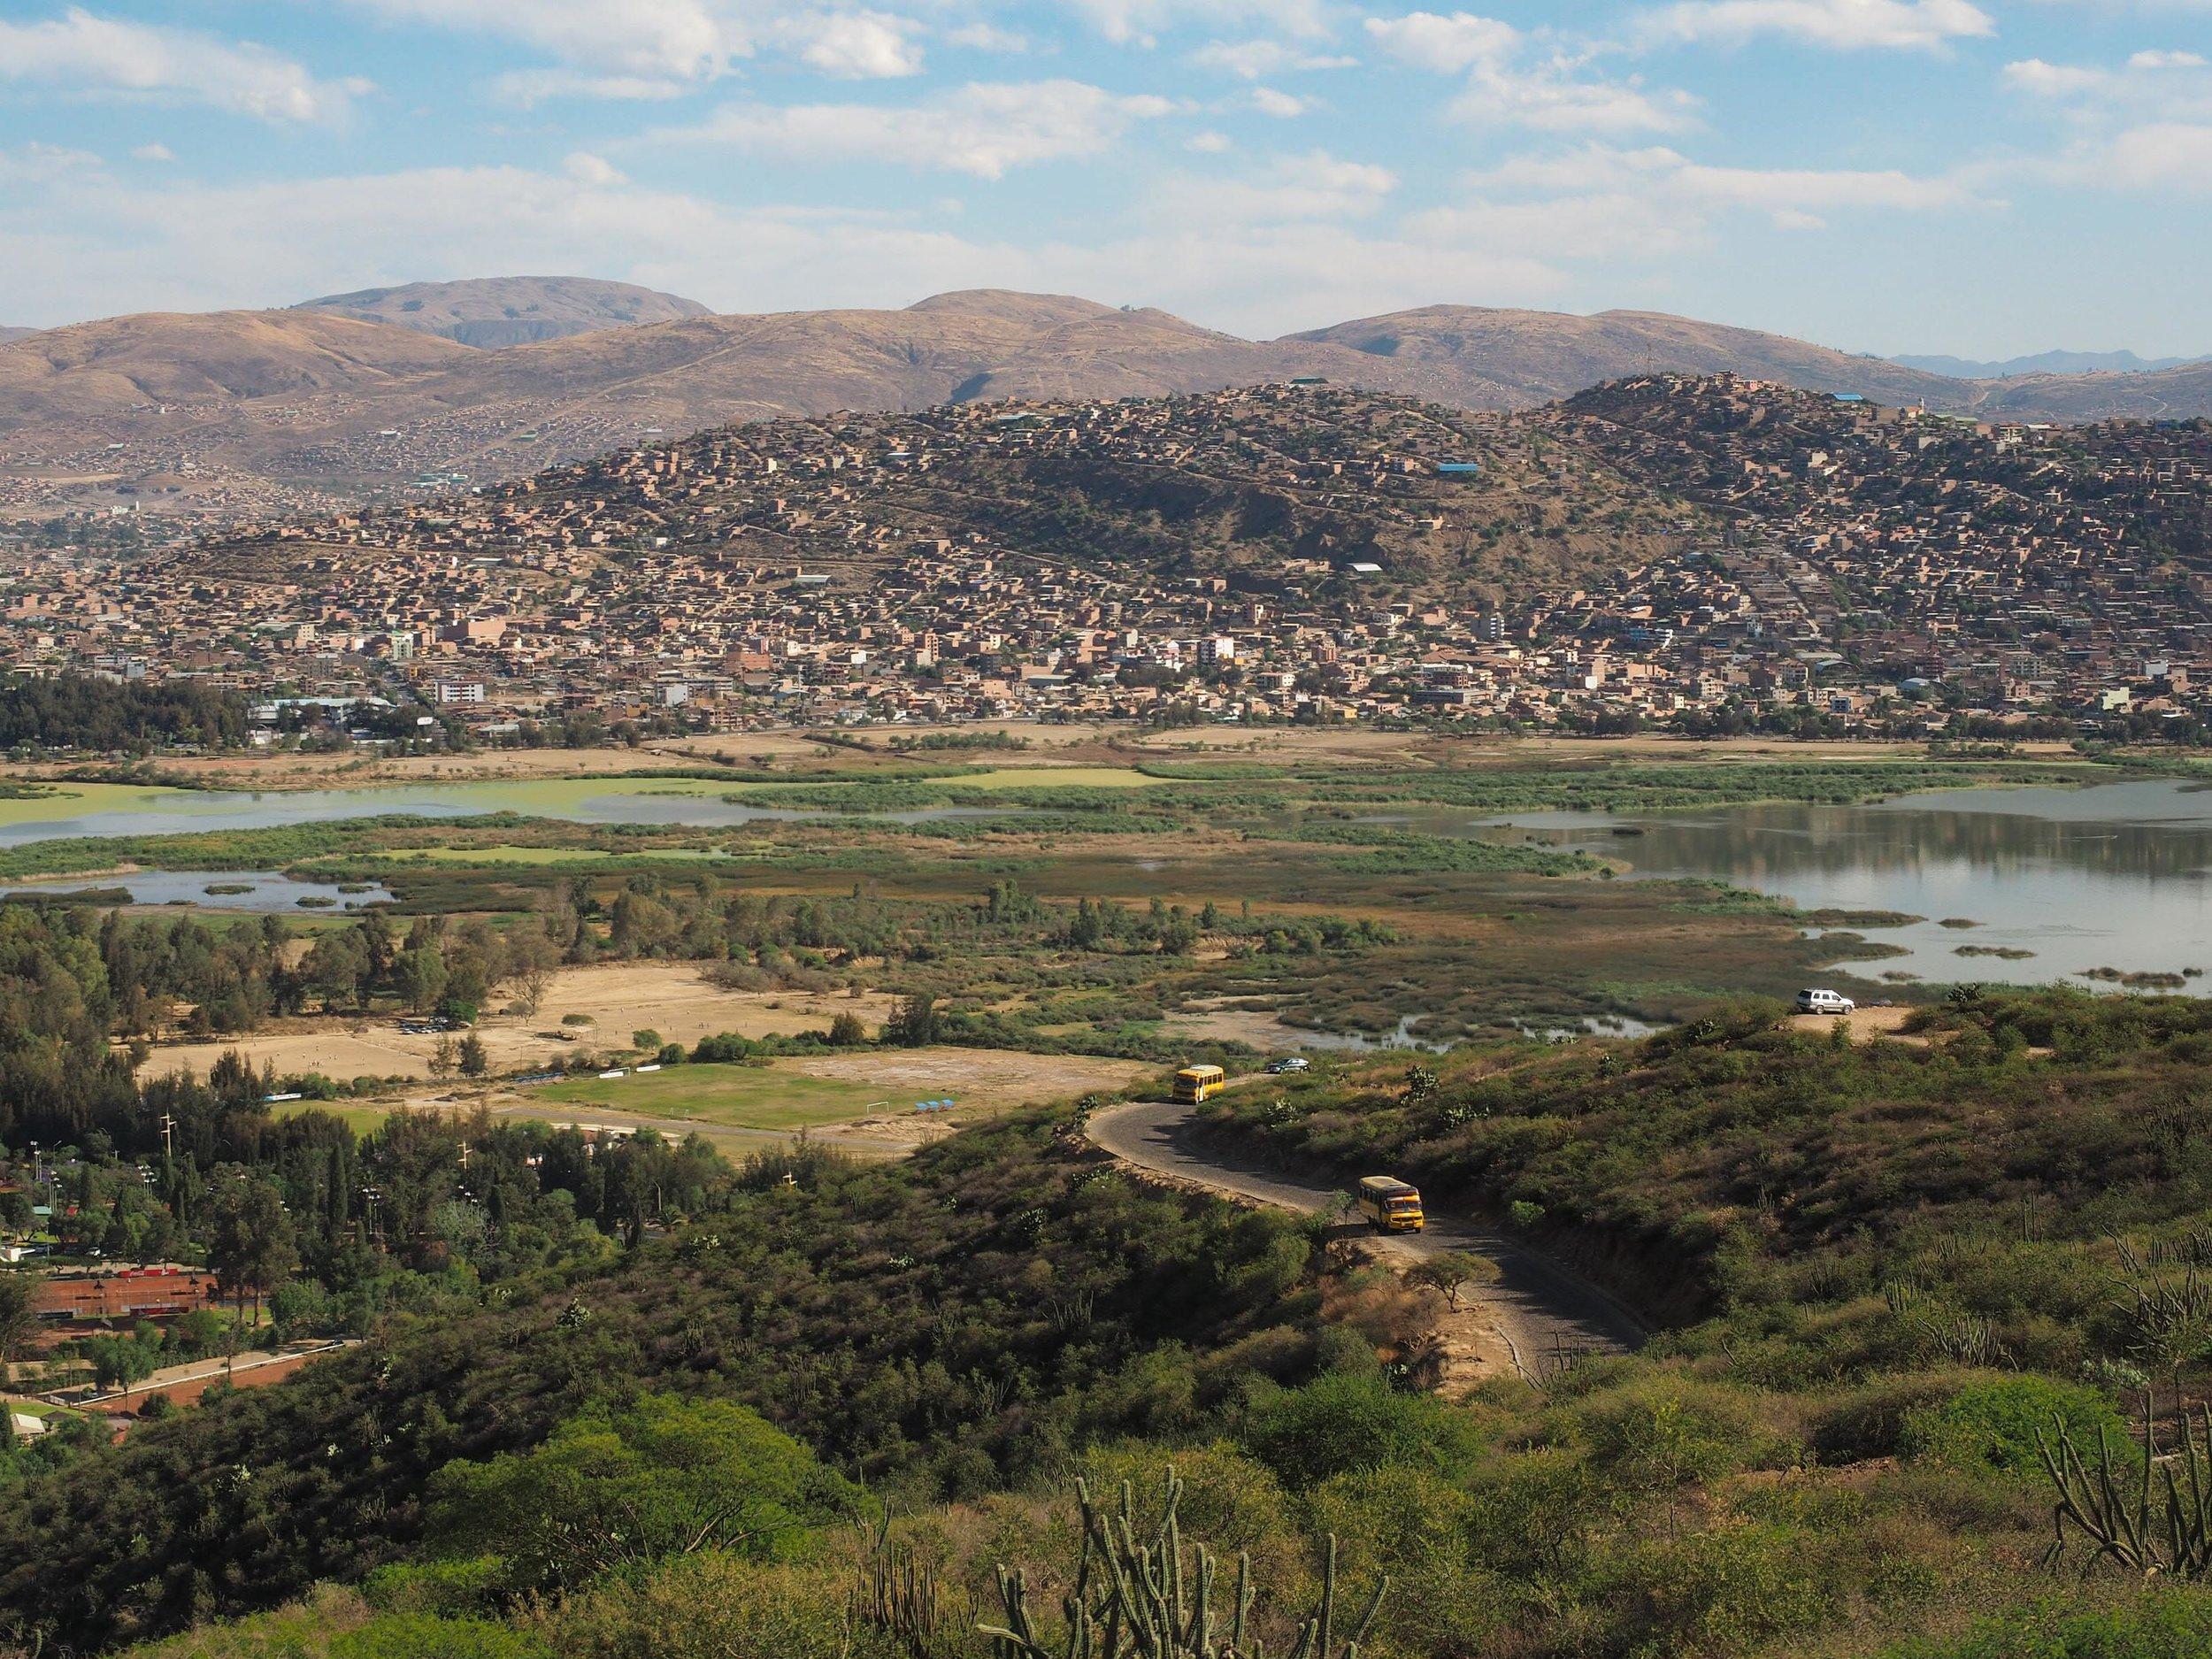 Springtime in Cochabamba